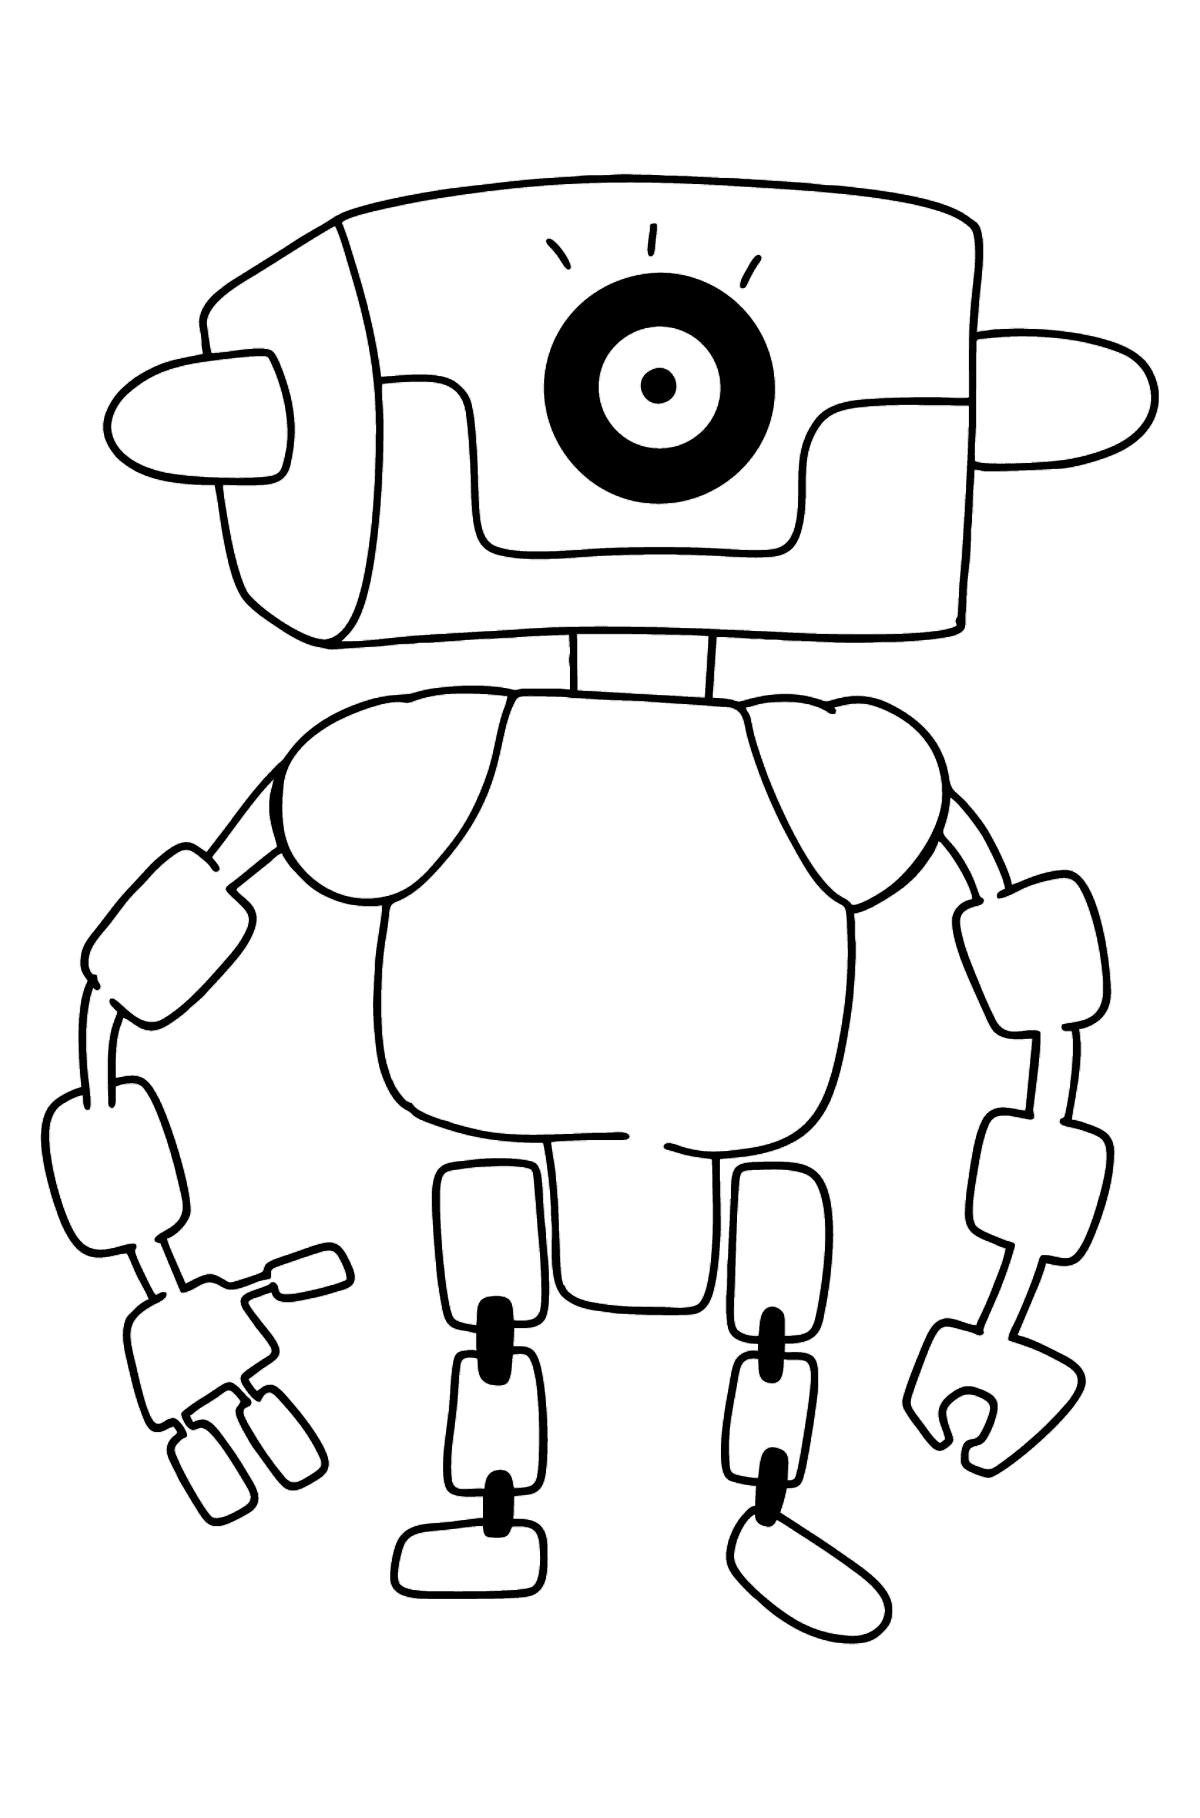 Раскраска очаровательный робот - Картинки для Детей